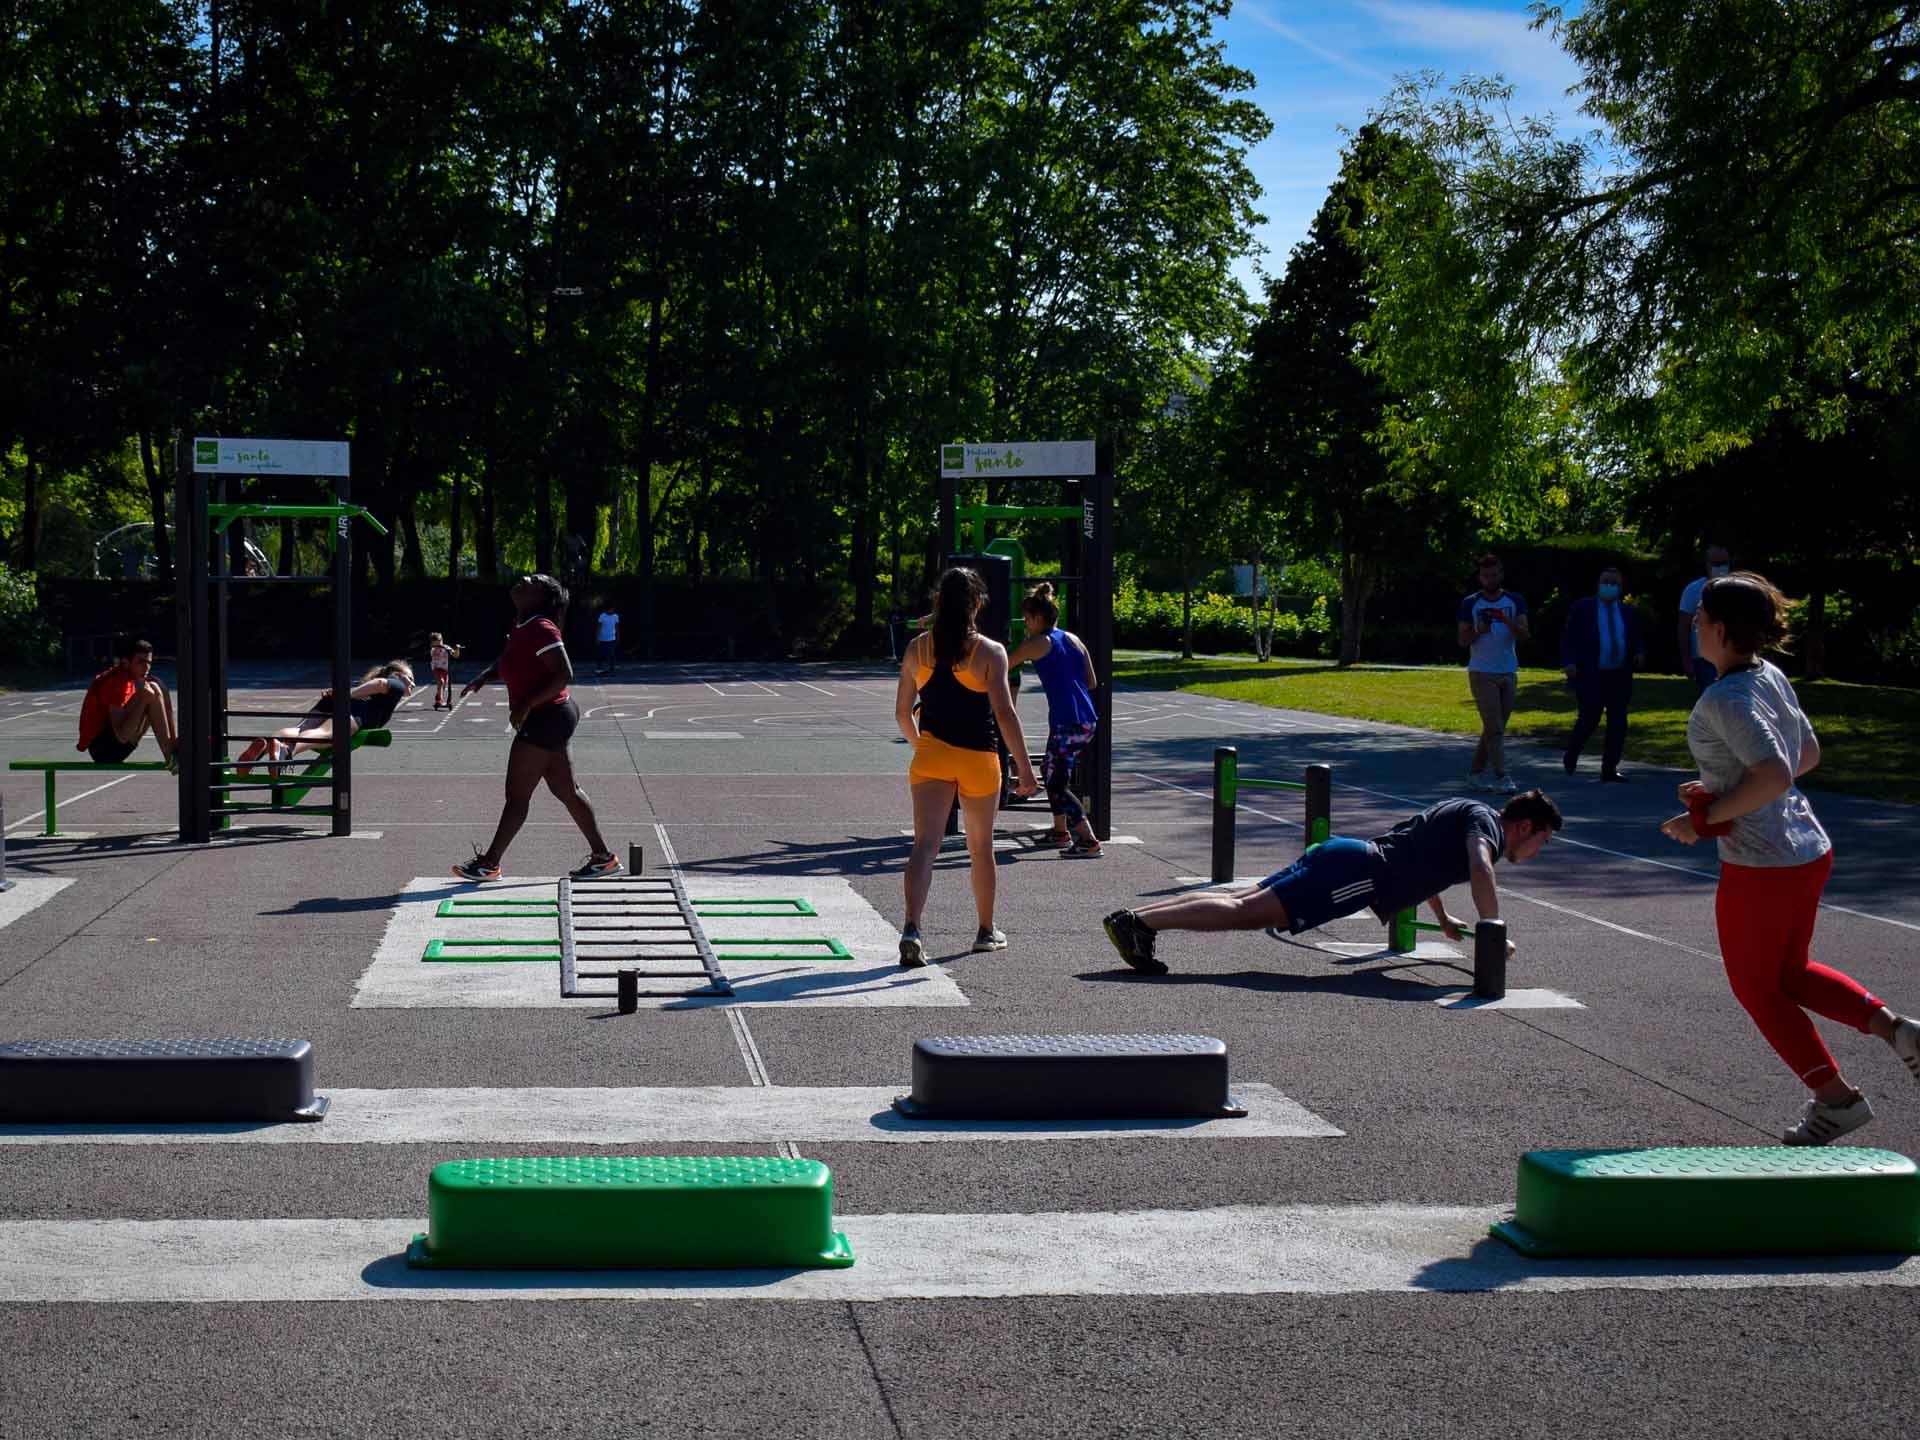 Photo du plateau sportif du Parc Saint John Perse avec des sportifs en action